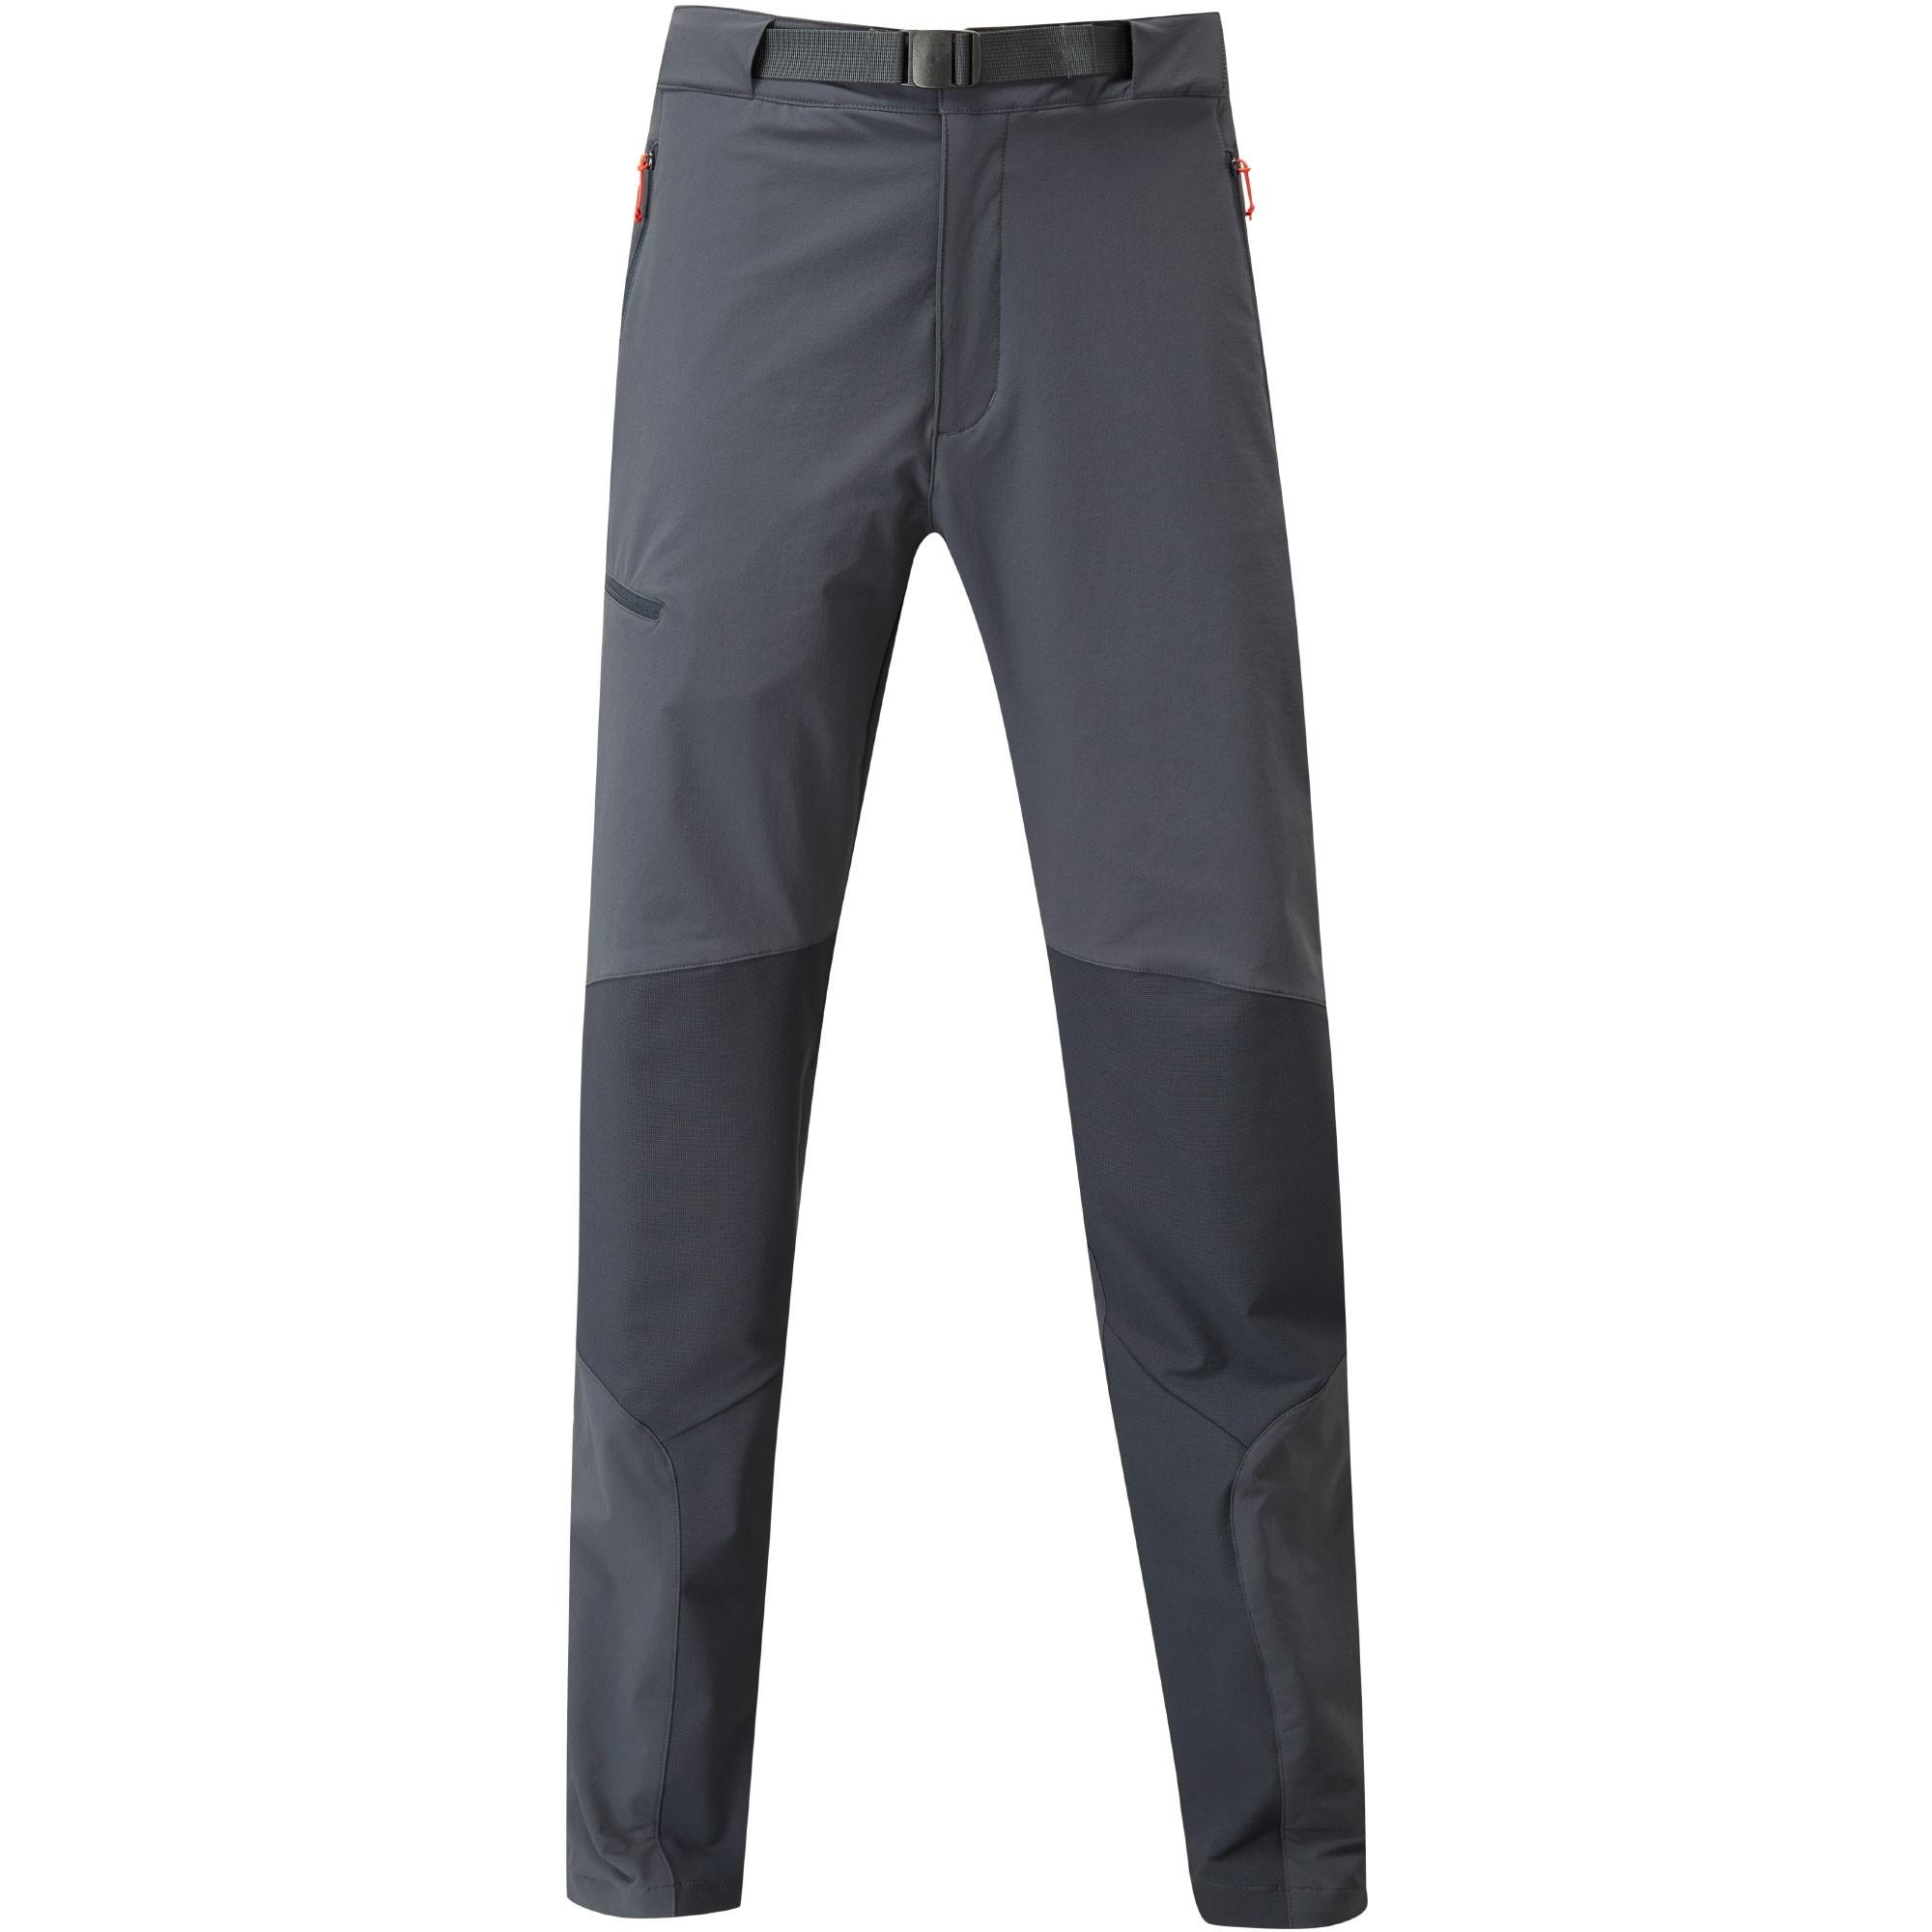 Rab-spire-pants-beluga-QFT-73-BE-W17